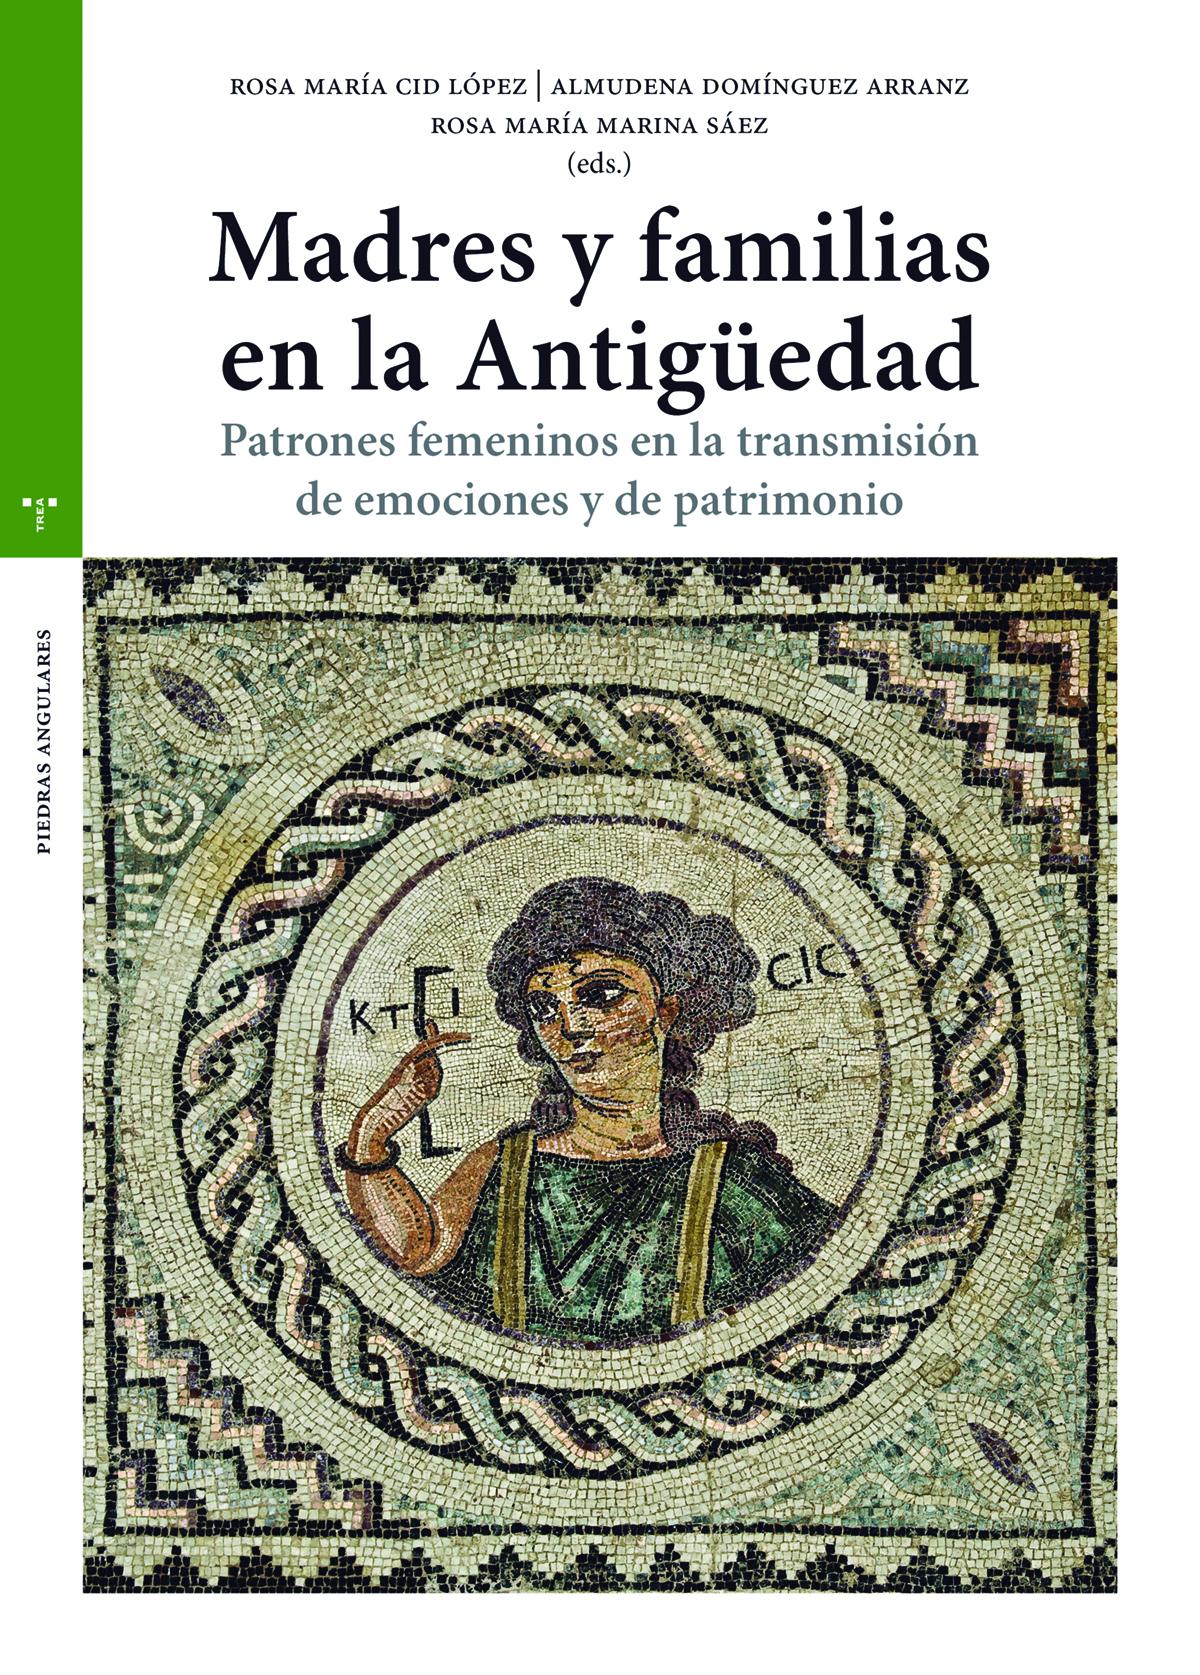 Madres y familias en la Antigüedad   «Patrones femeninos en la transmisión de emociones y de patrimonio»